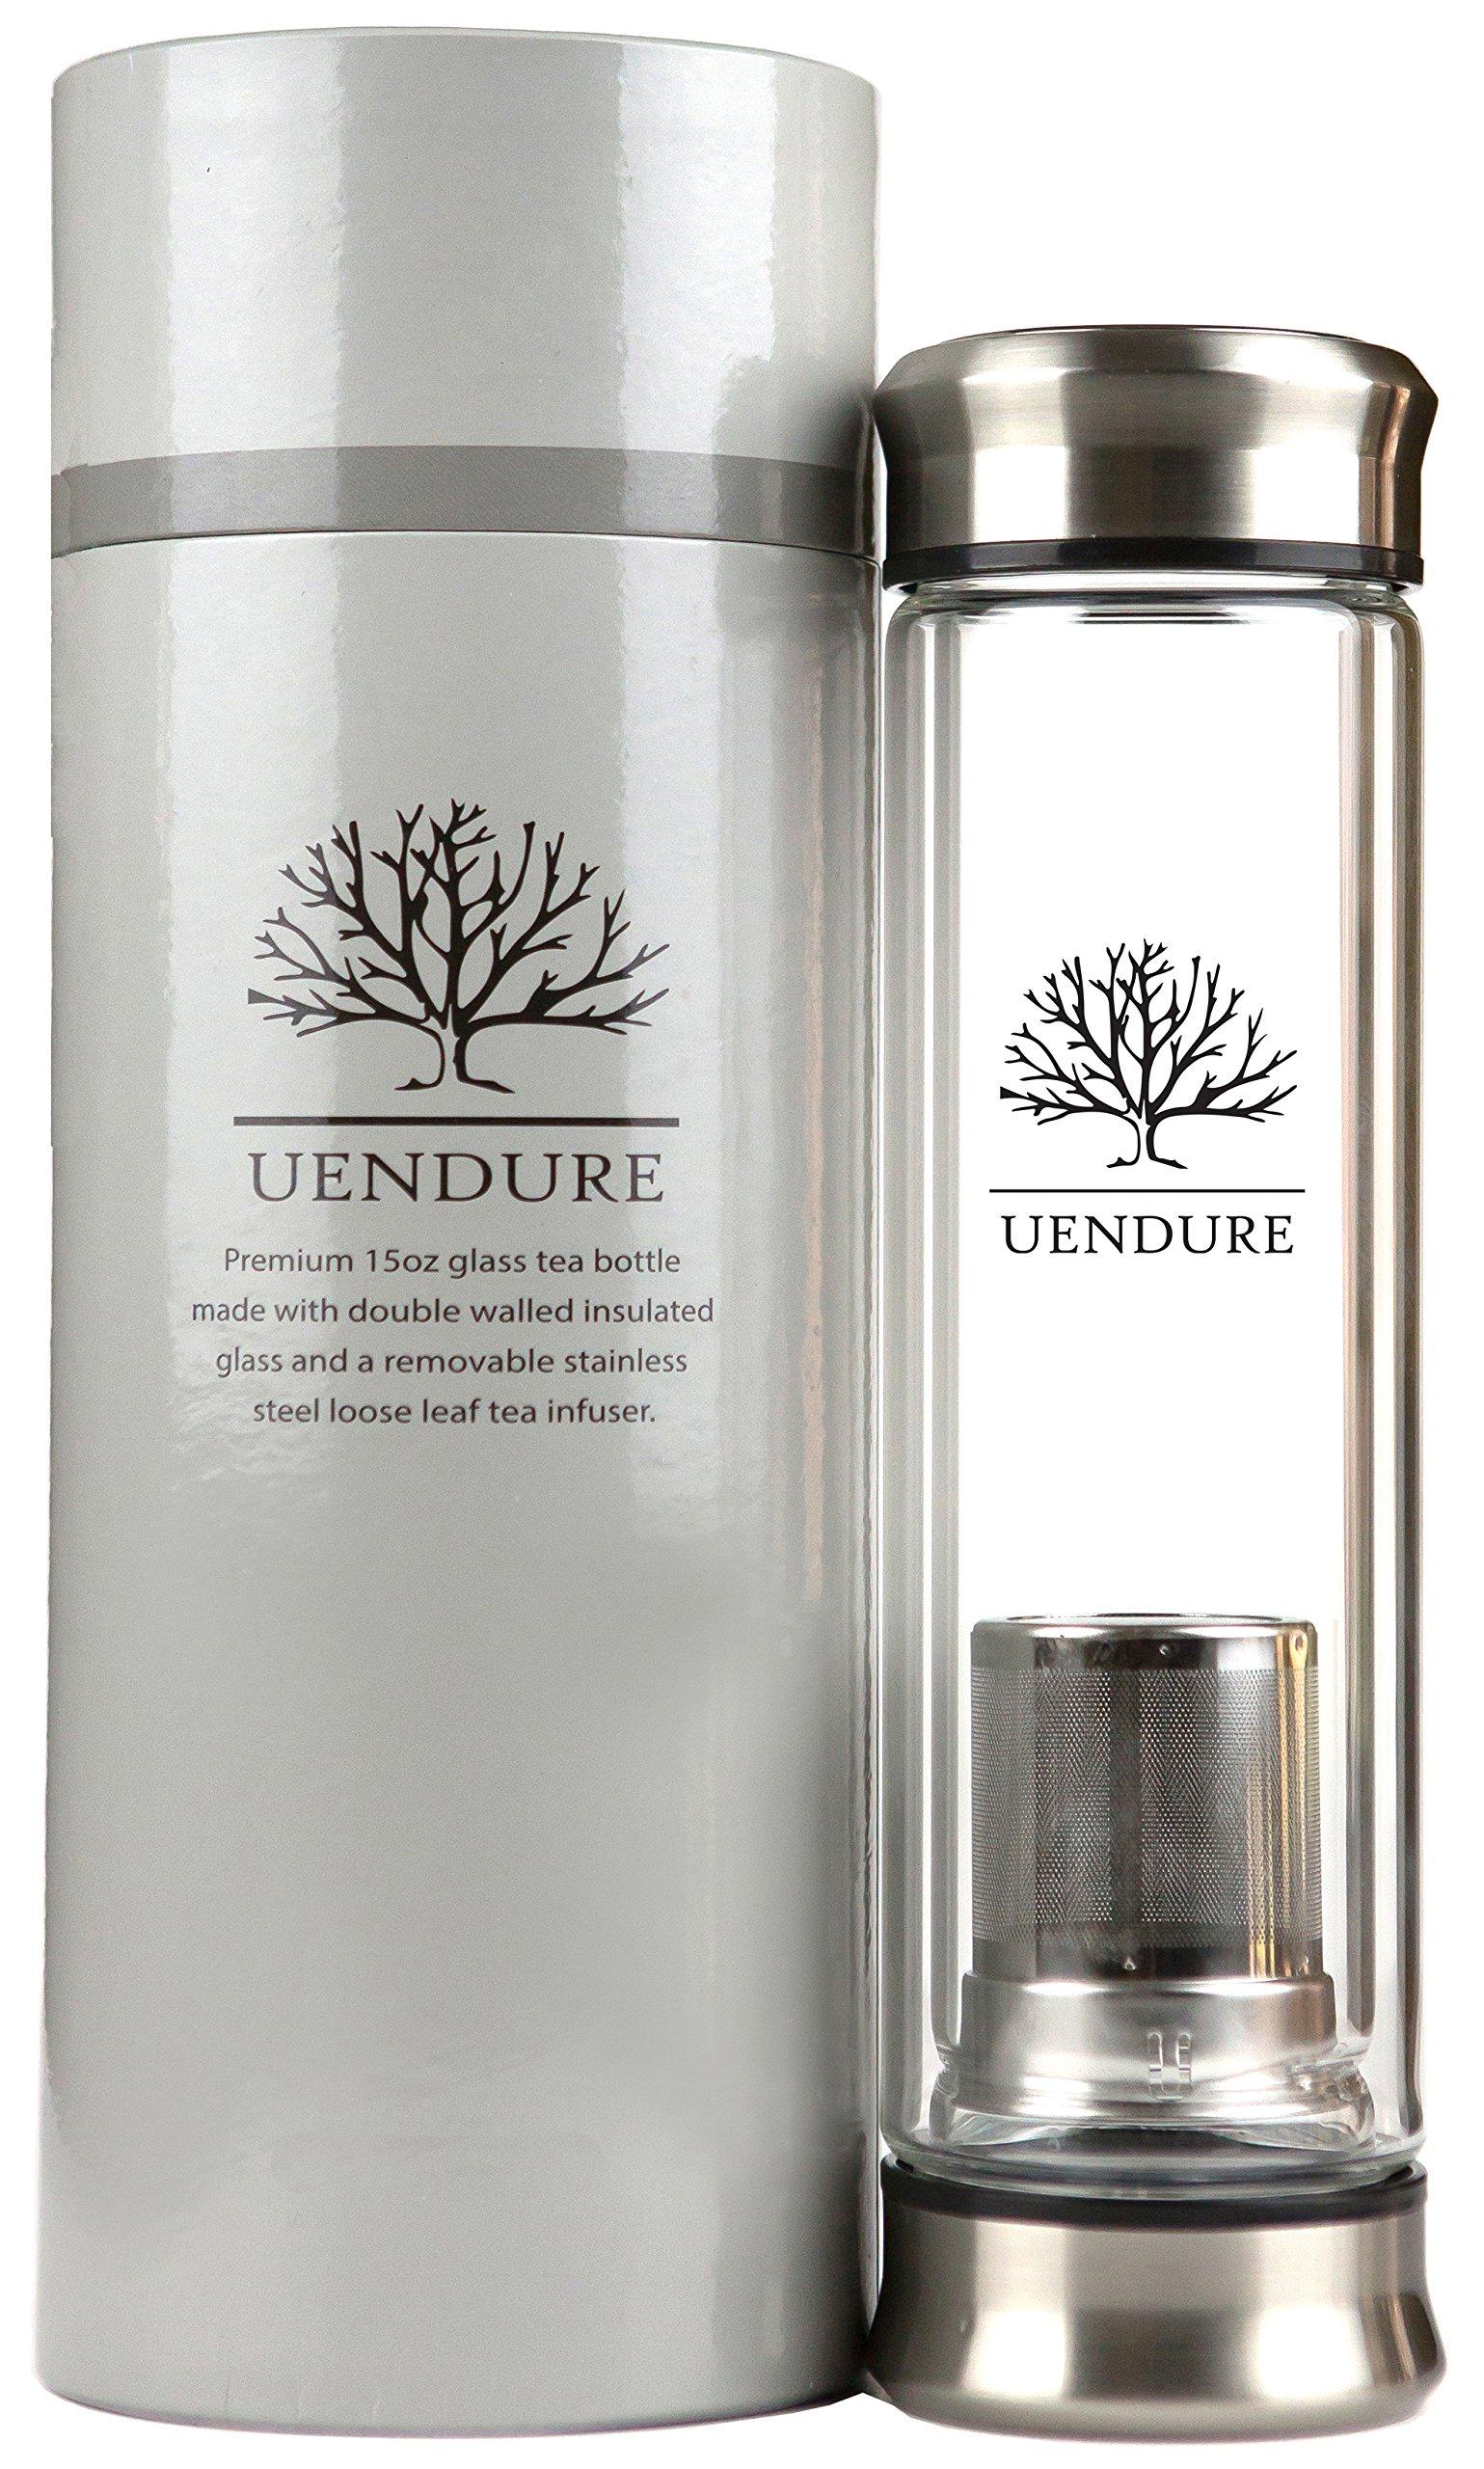 uendure tea infuser travel mug glass tumbler with loose. Black Bedroom Furniture Sets. Home Design Ideas